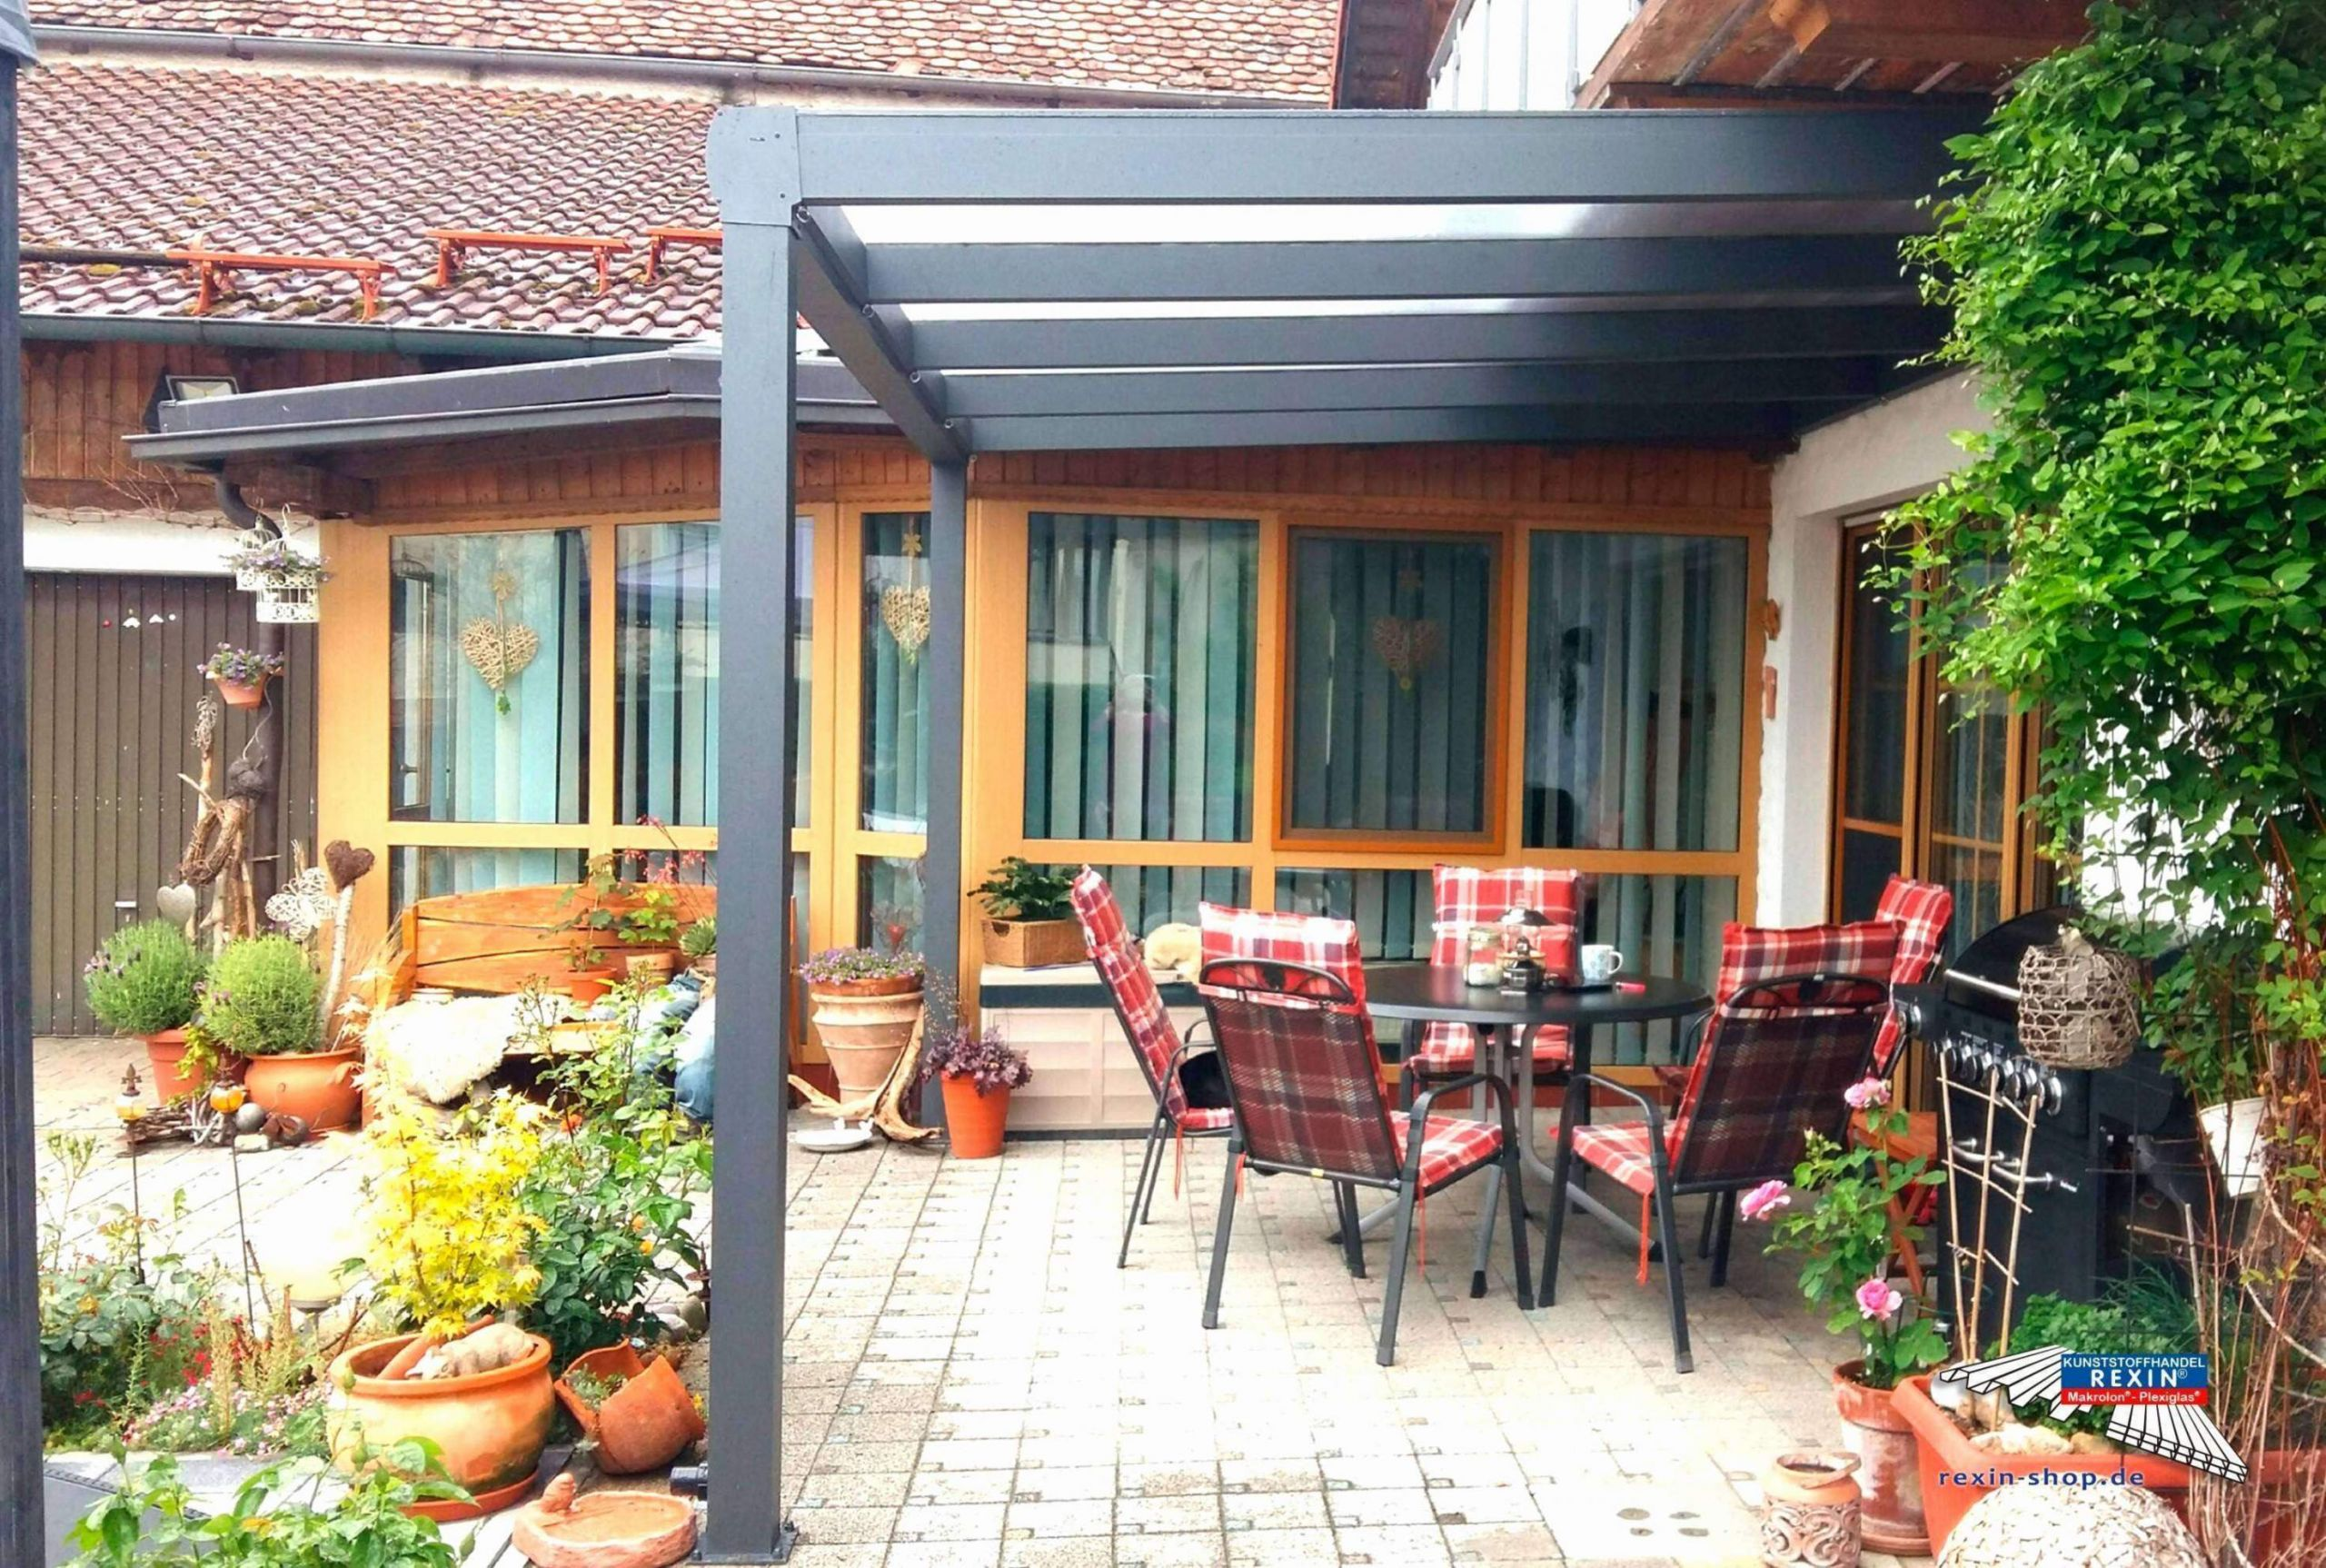 Dekoideen Garten Frisch Deko Ideen Selber Machen Garten — Temobardz Home Blog